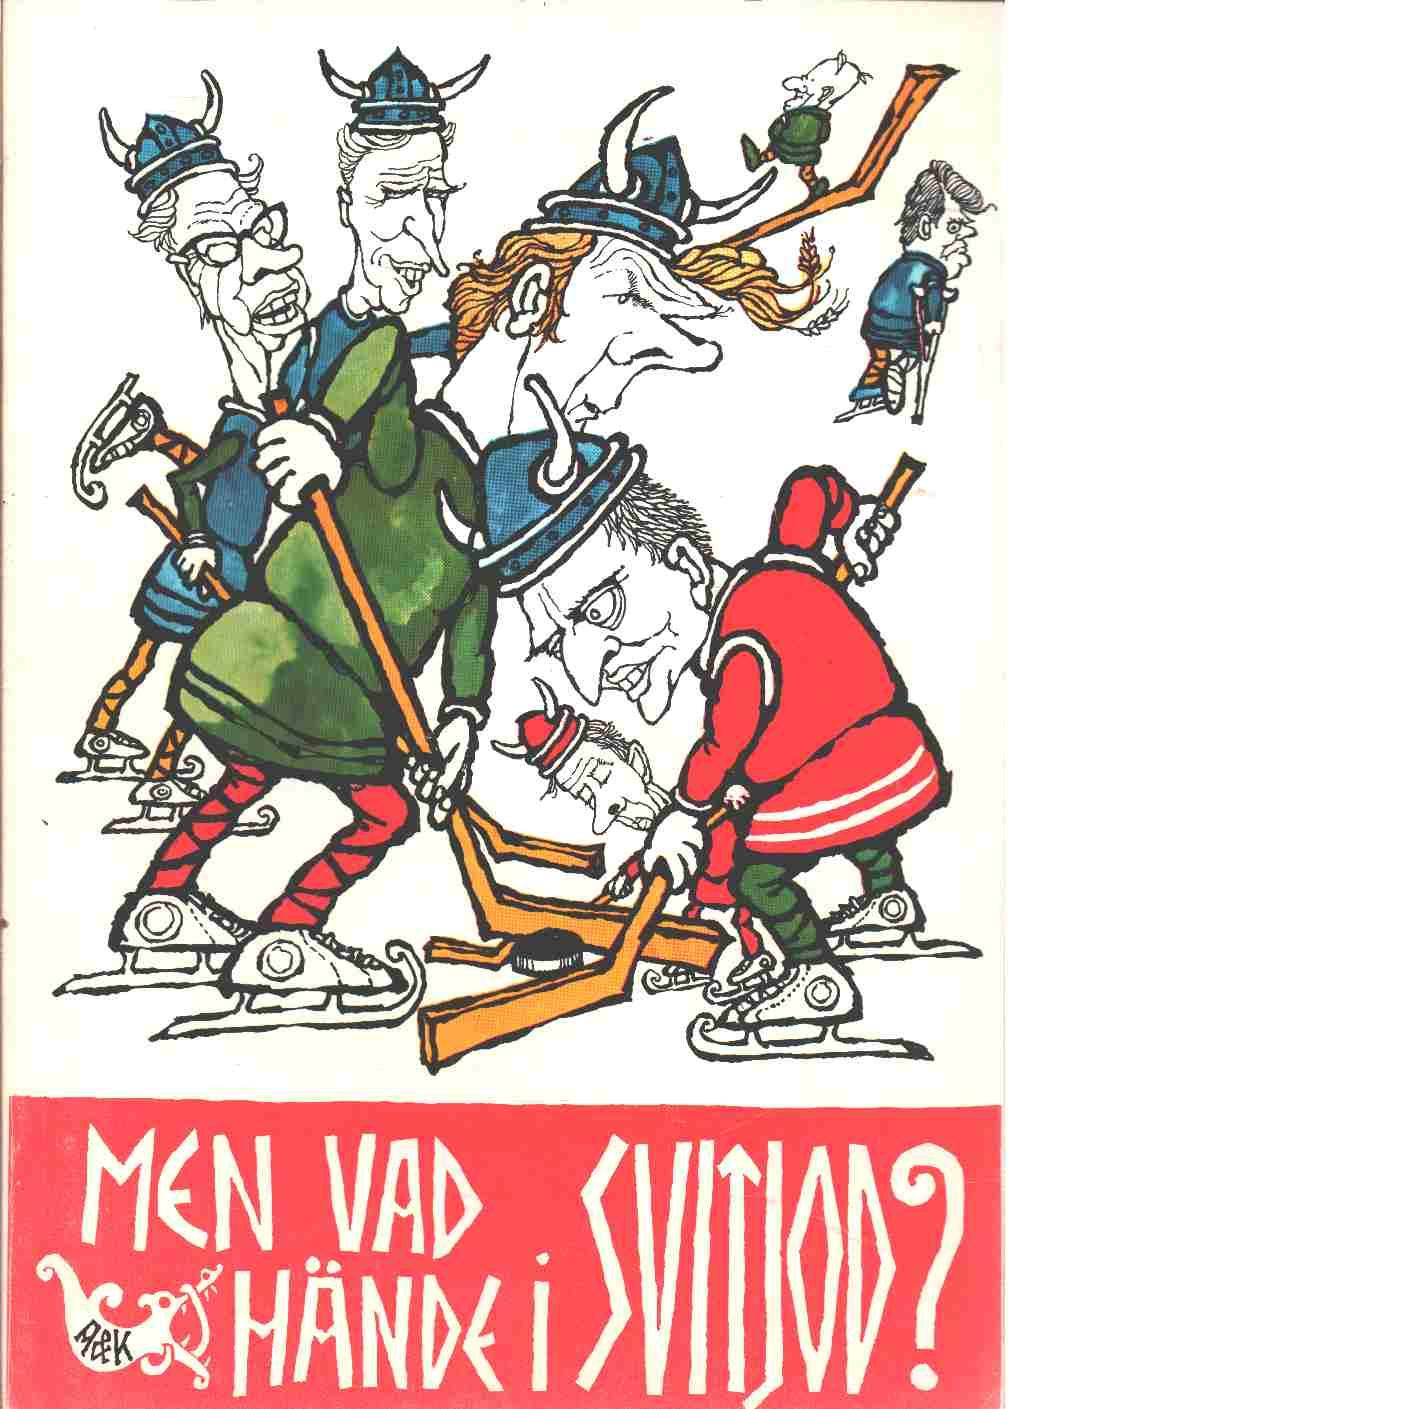 Men vad hände i Svitjod?: ur Gustaf Mångvis' saga - Gunnar på Lid-arrende och Karlsson, Ewert